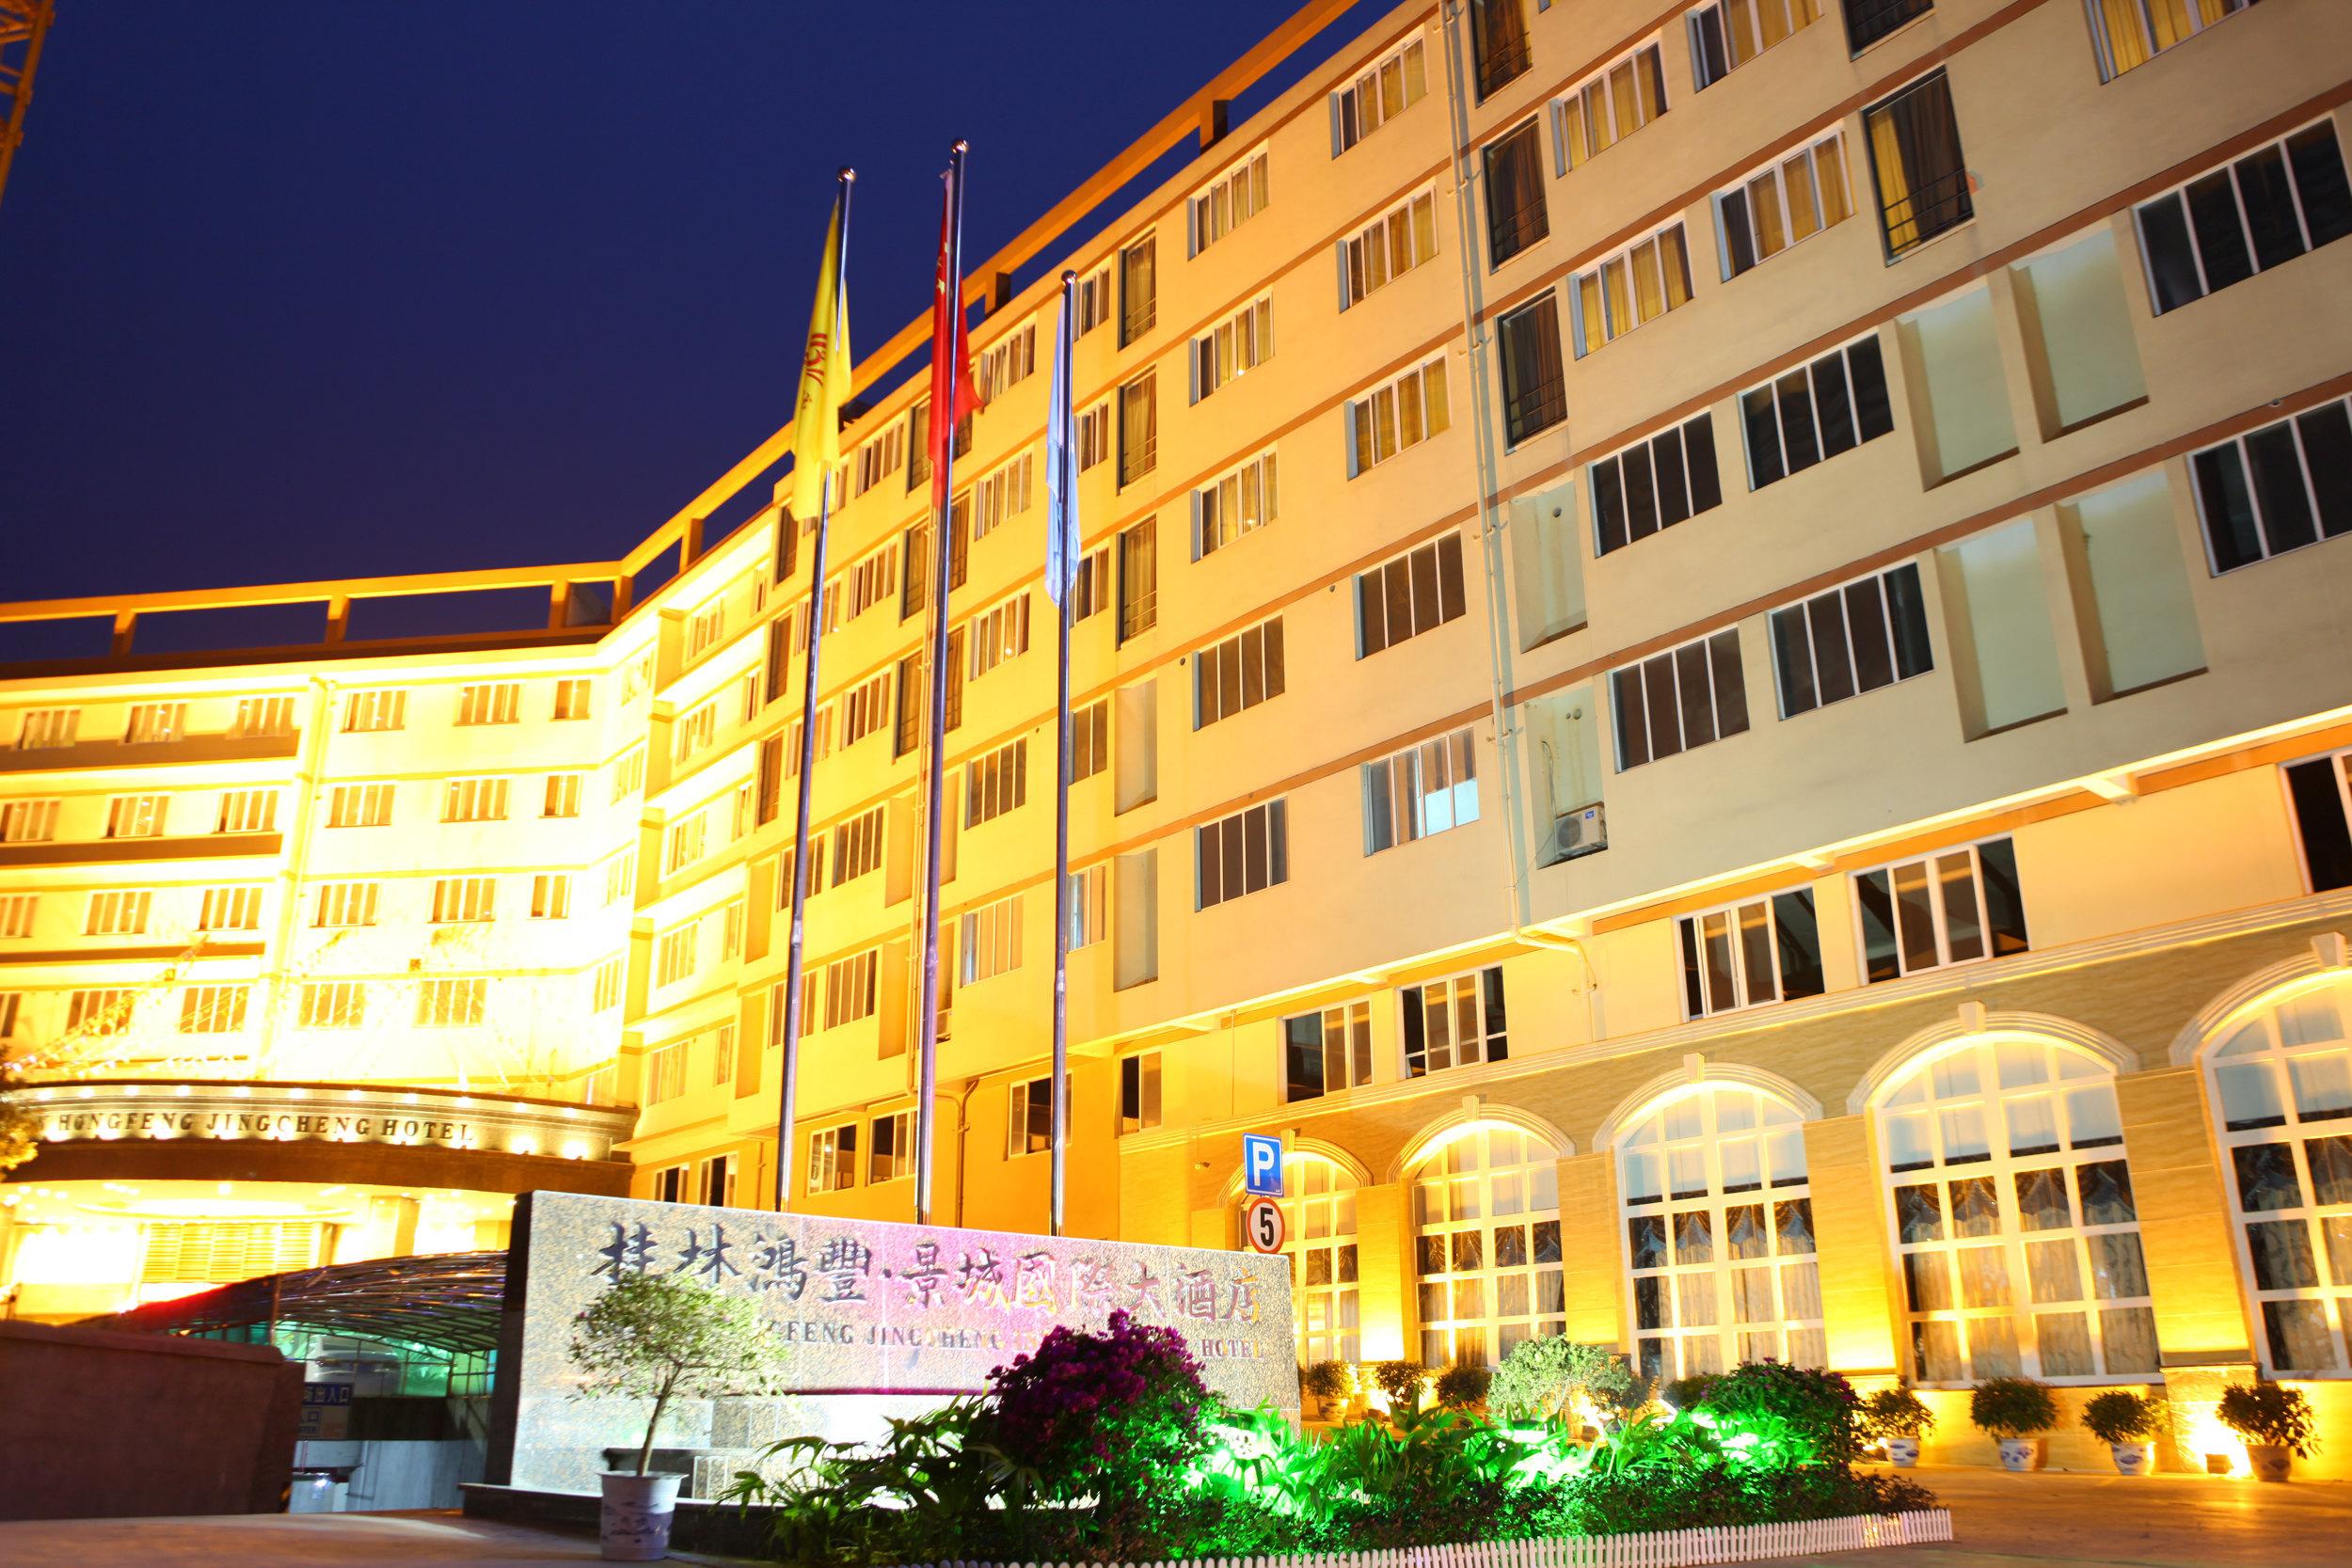 鸿丰娱乐网上投注_桂林鸿丰·景城国际大酒店(标准房 靖江王府2张)